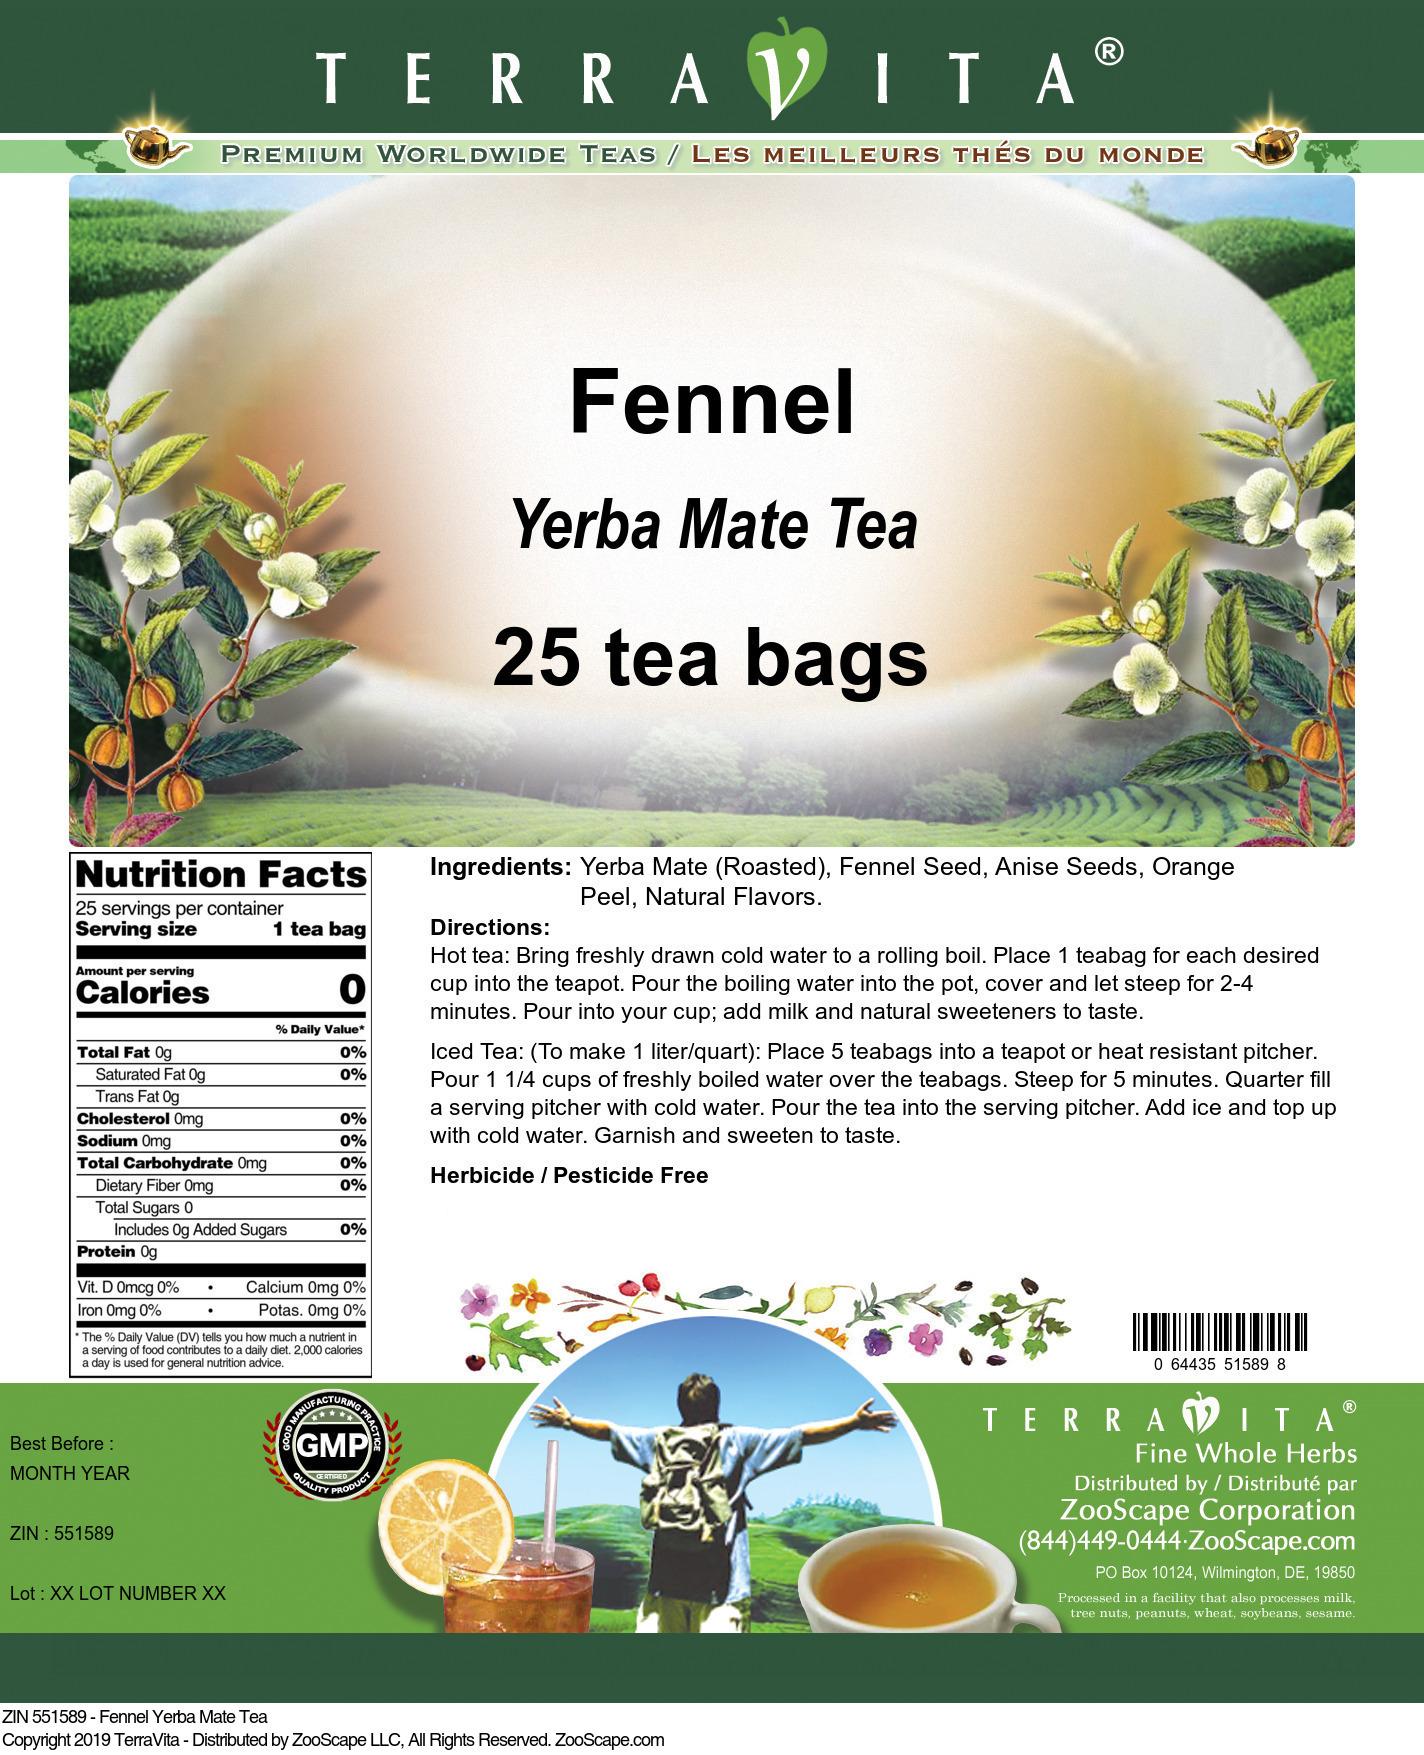 Fennel Yerba Mate Tea